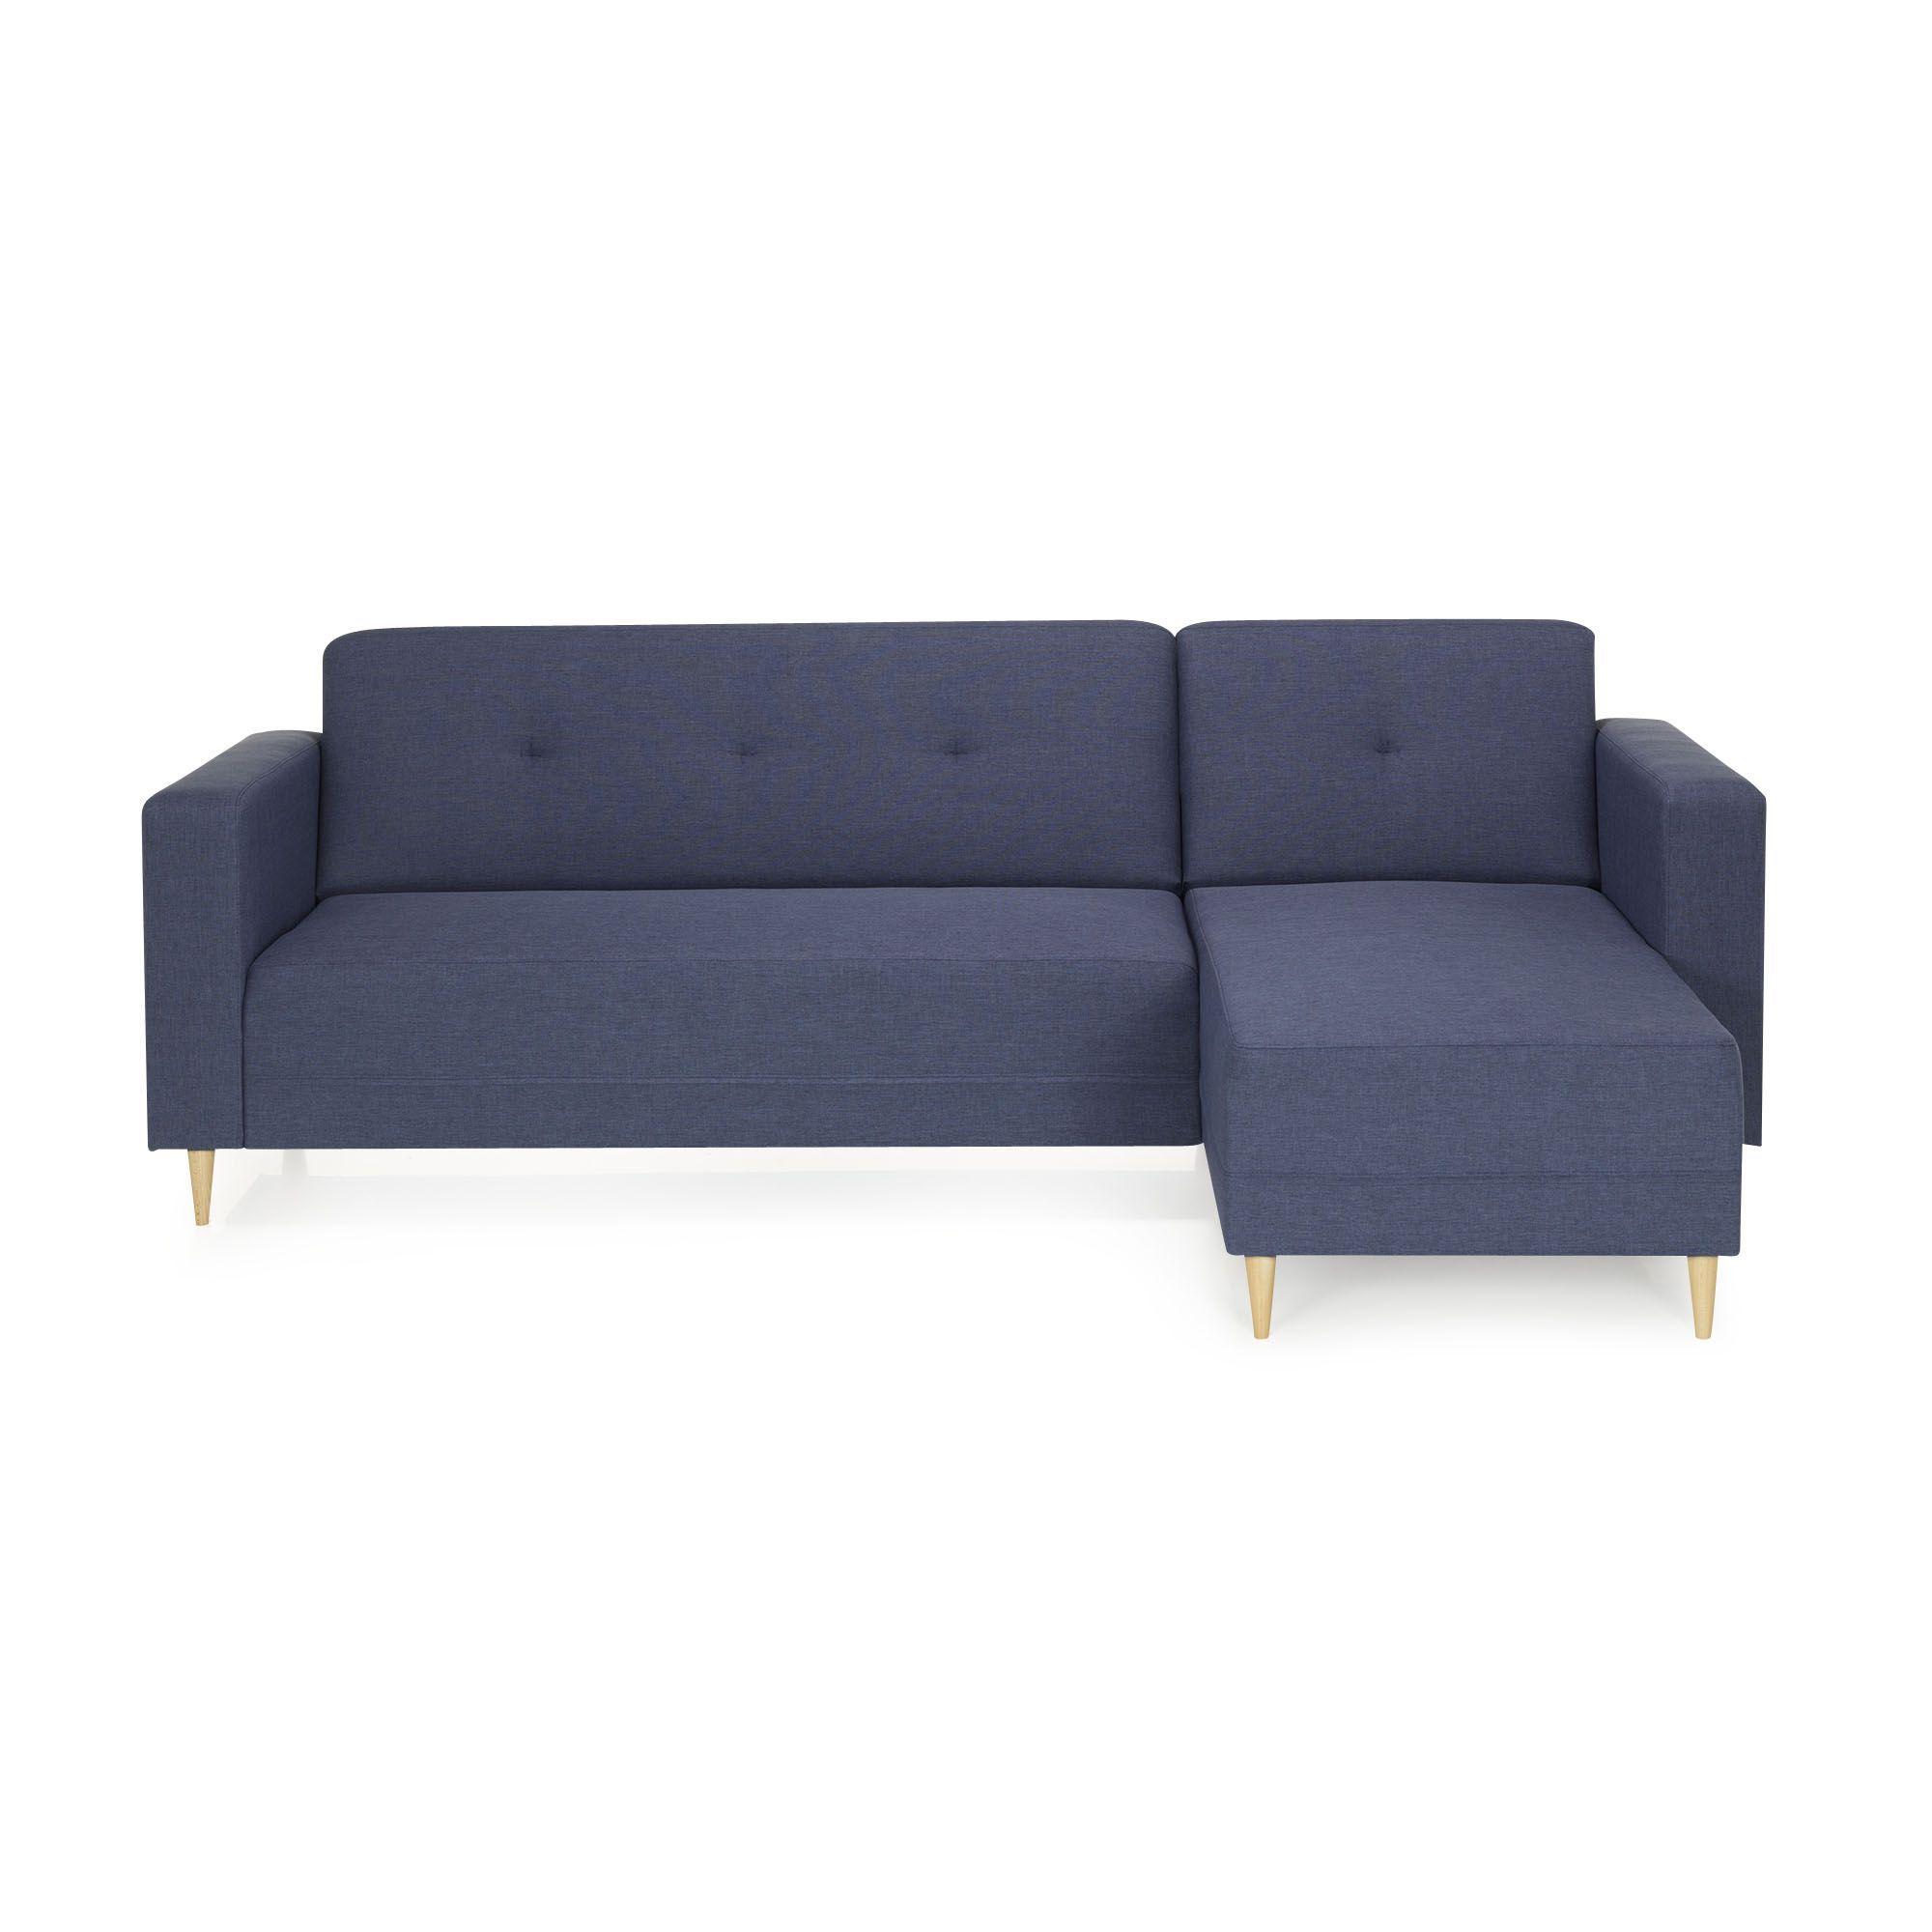 Canapé Dangle Fixe Bleu Bleu Phill Canapés En Tissu Canapés - Canape alinea tissu